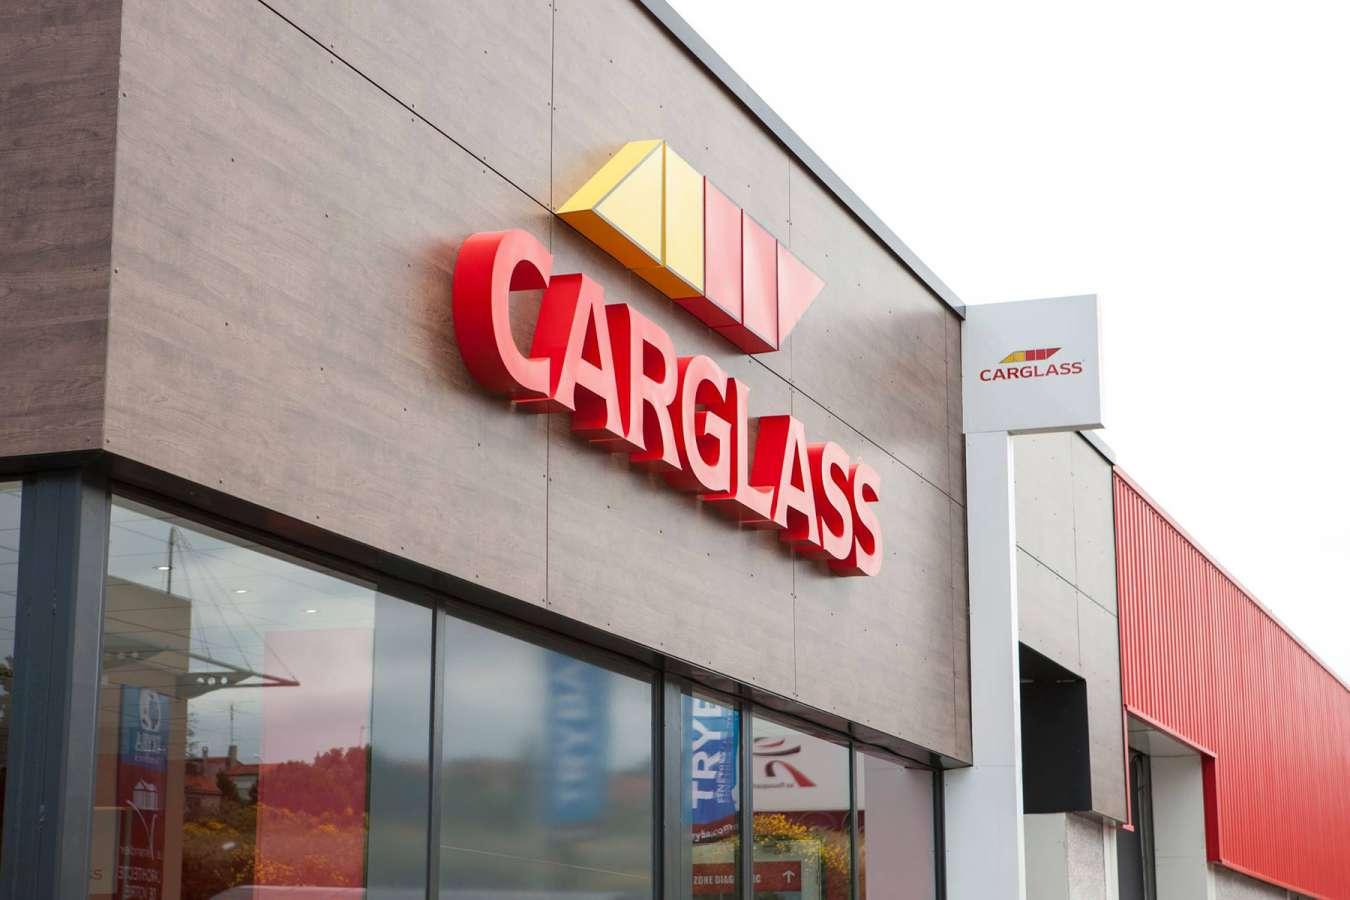 Comment Carglass France optimise sa reputation sur les reseaux sociaux